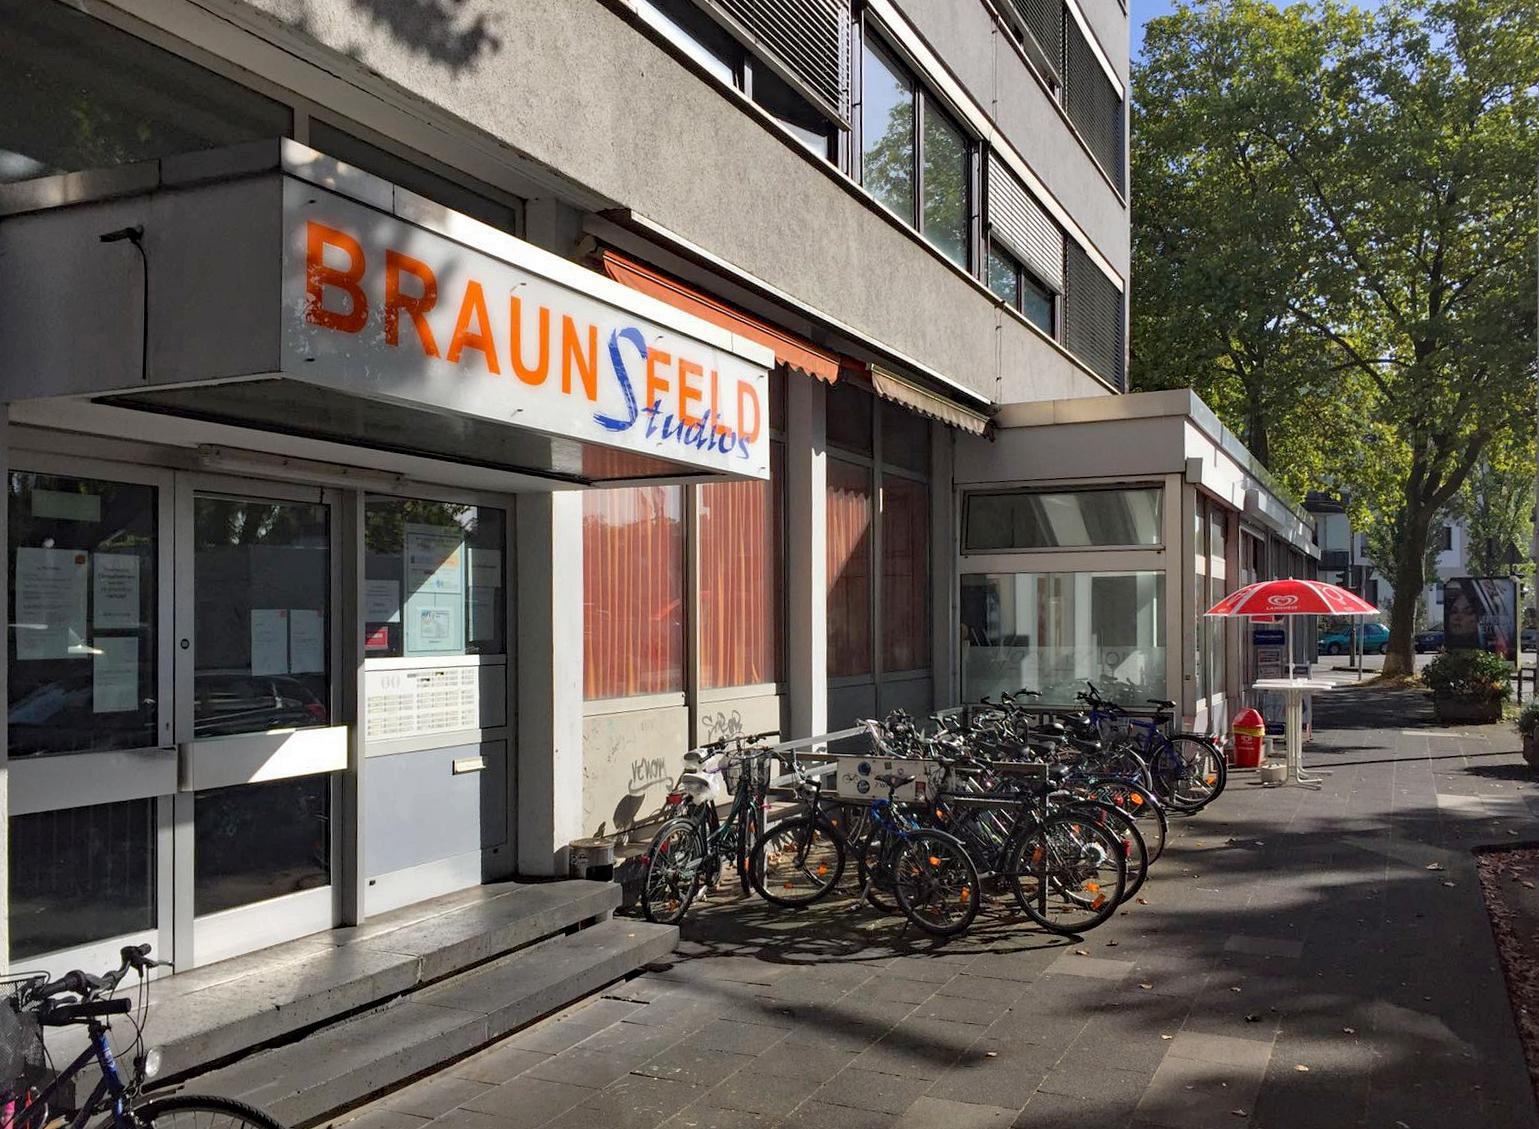 Braunsfels-Studios